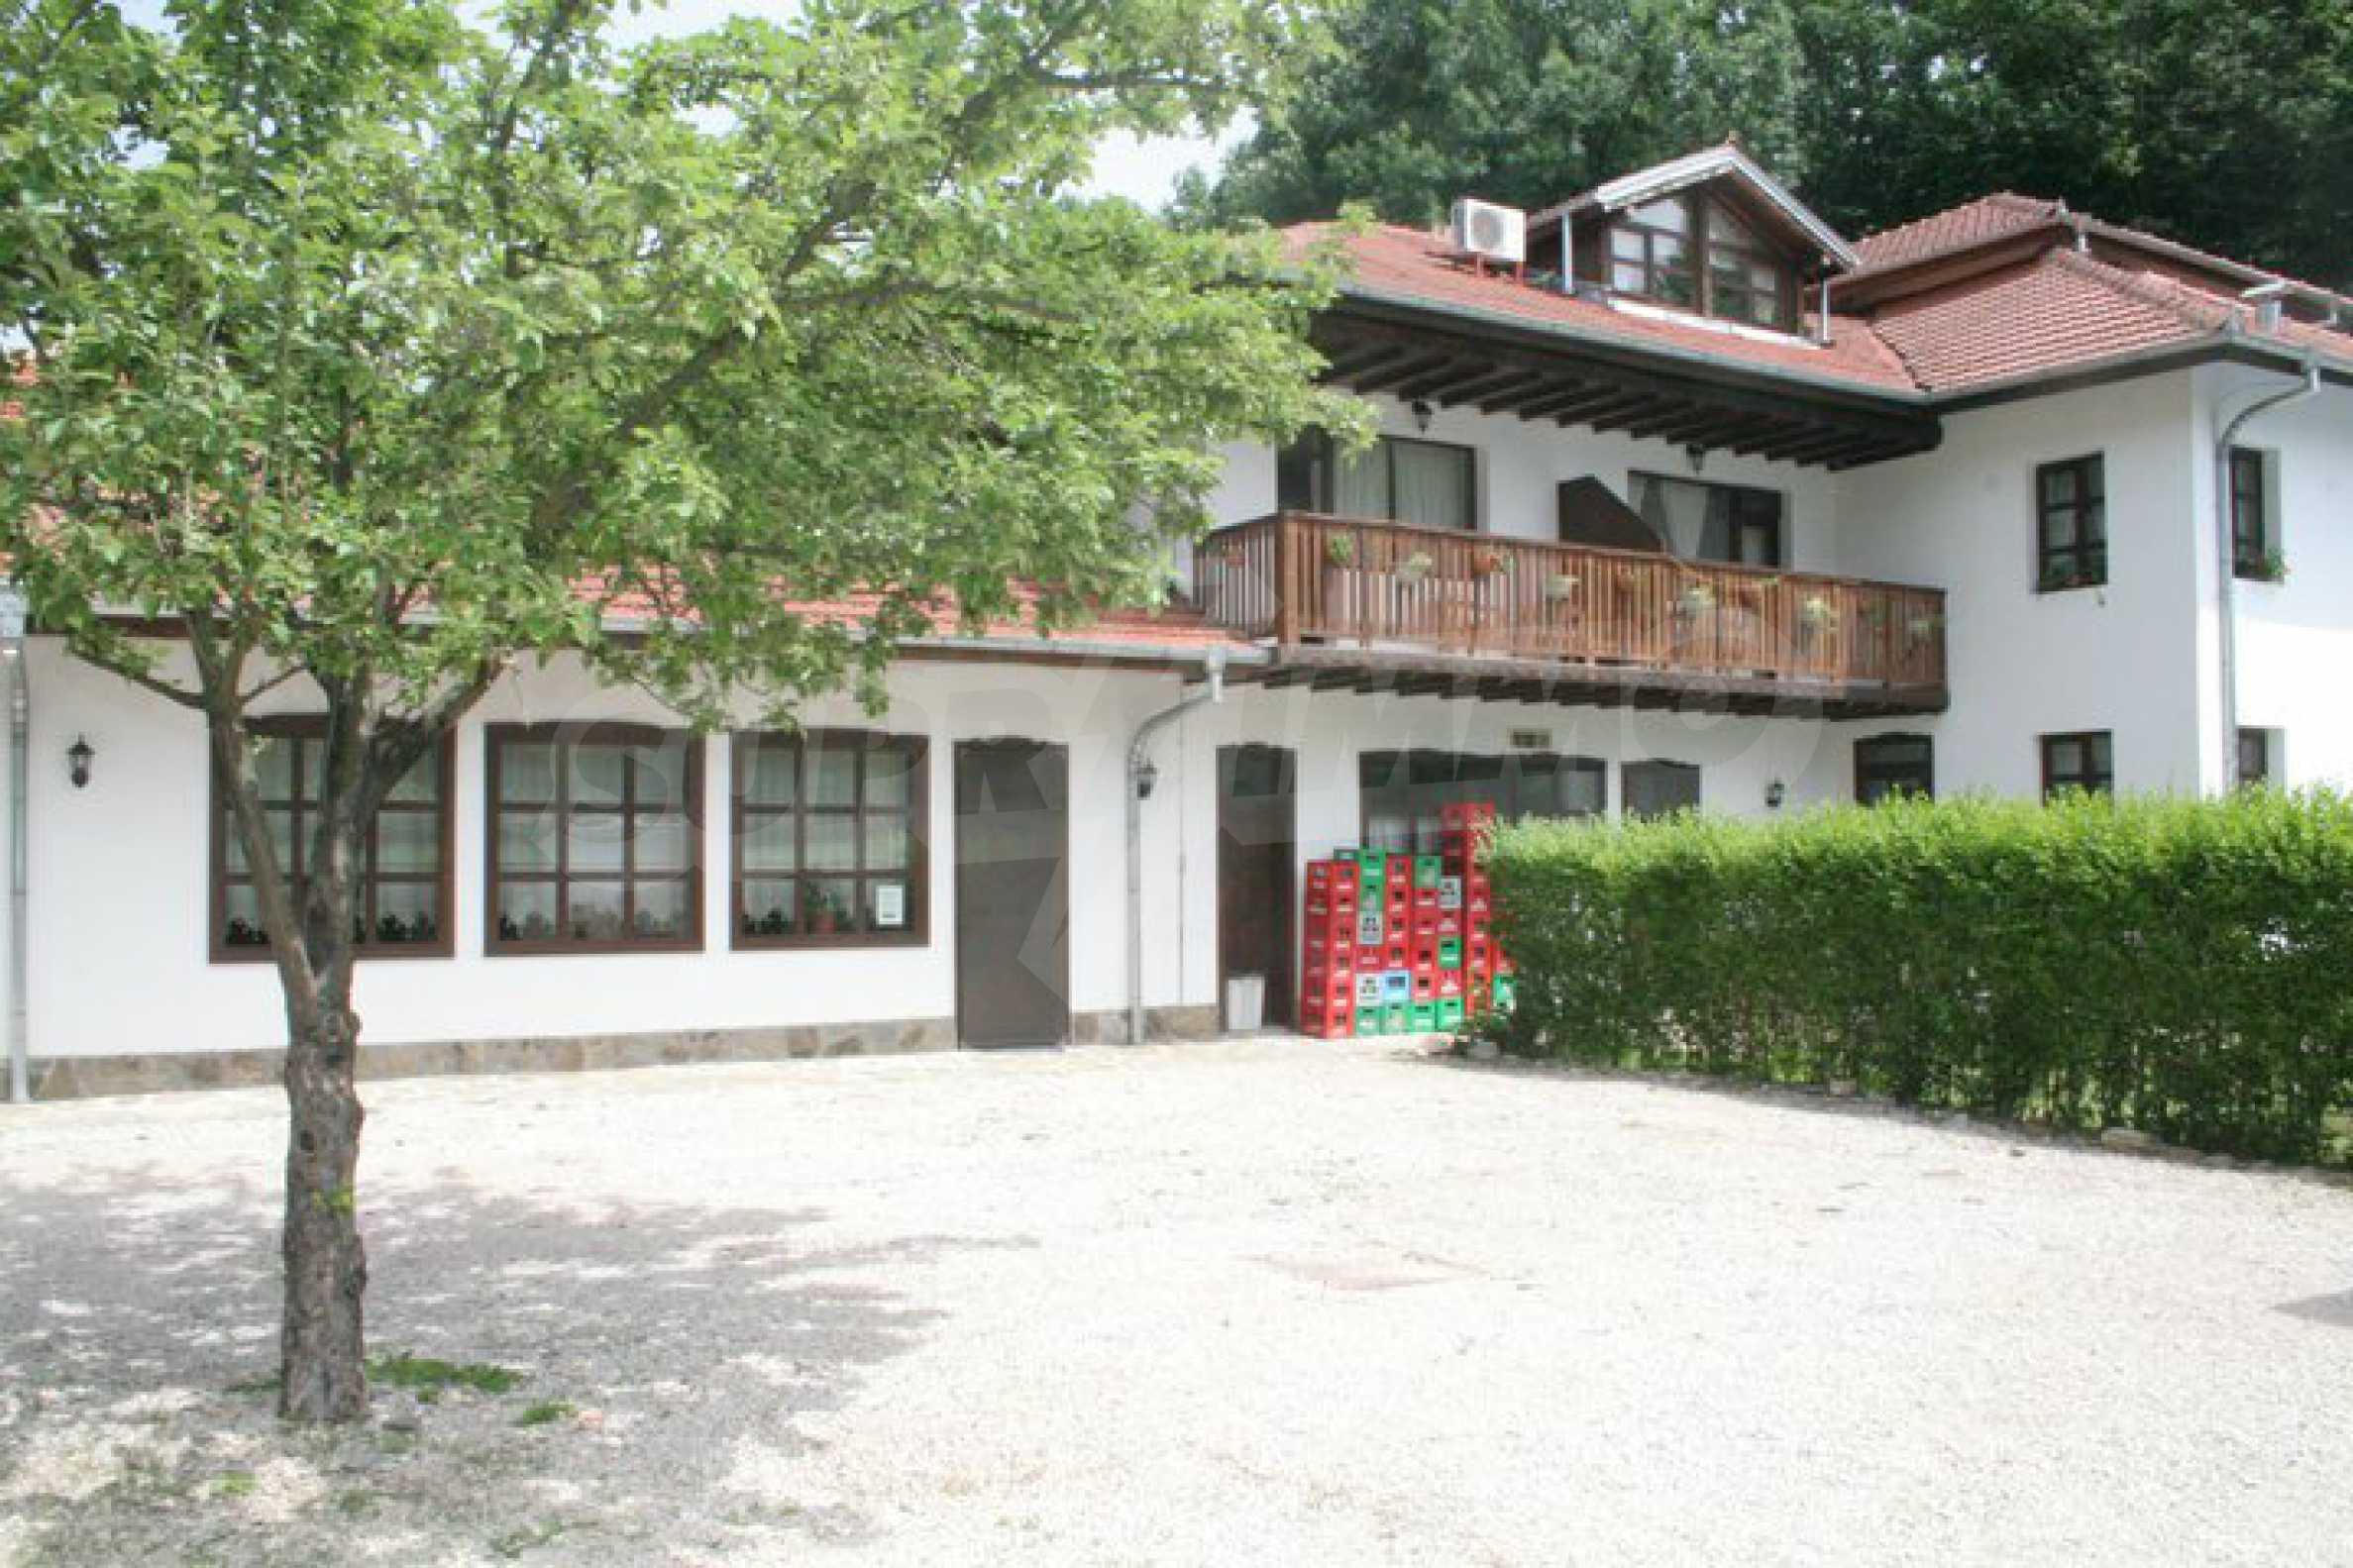 Gemütliches Hotel mit Pool im Herzen des Balkangebirges 45